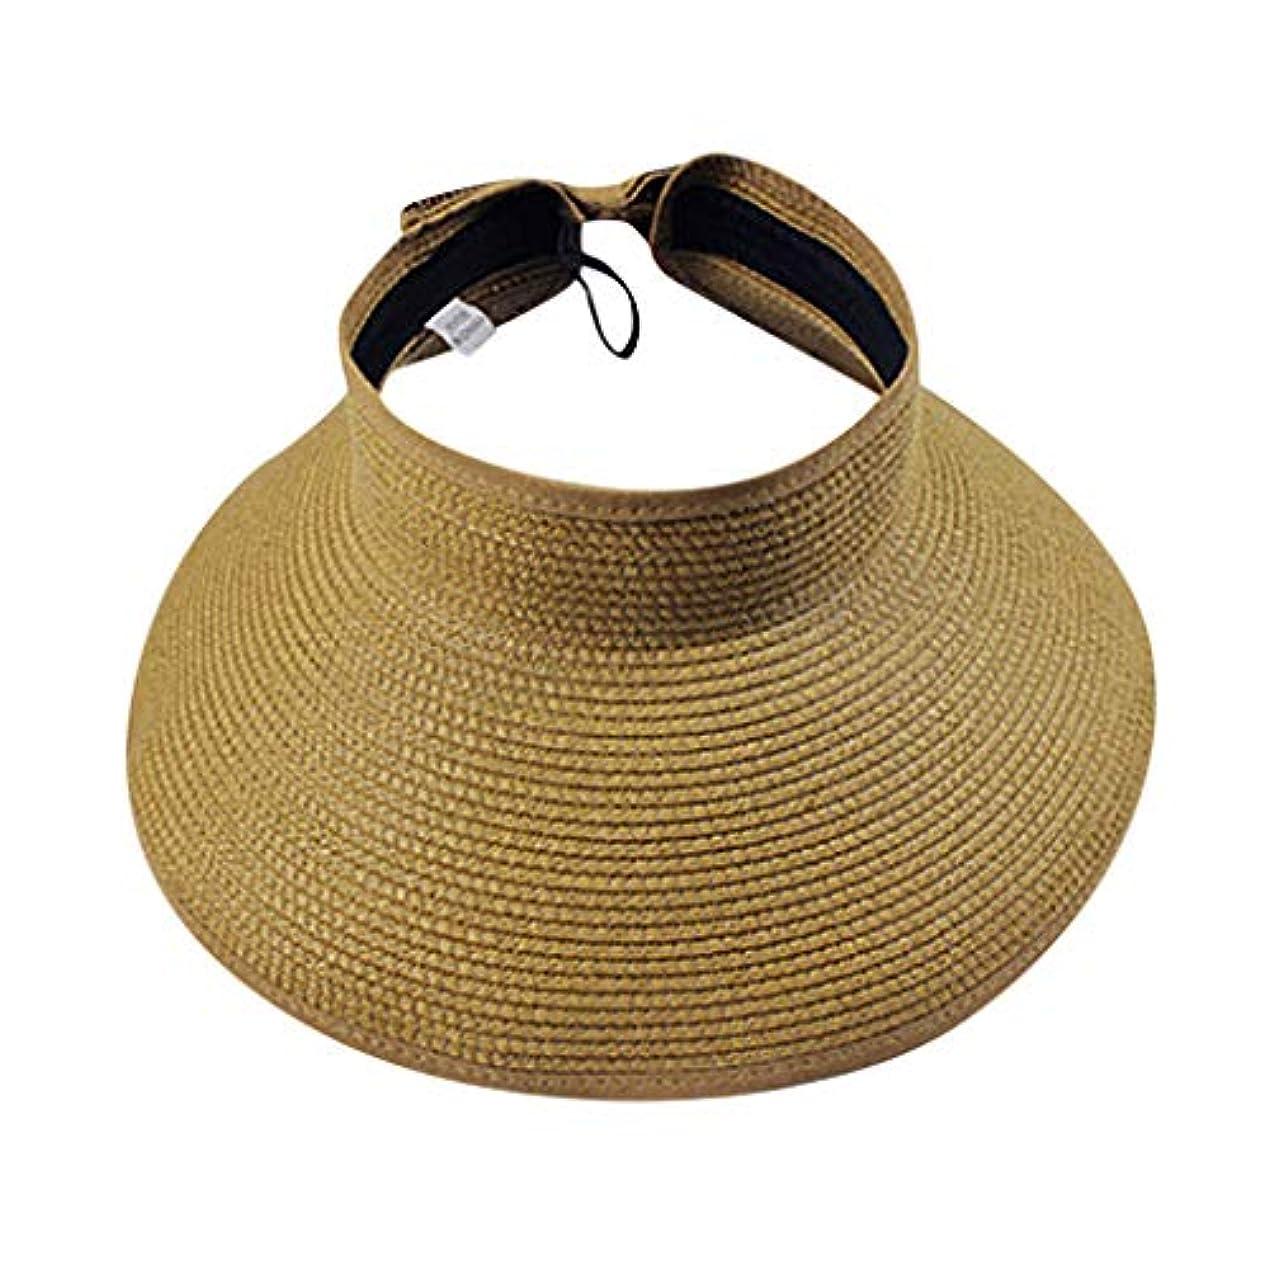 ハング正気日付Cuekondy レディース メンズ 2019 サマービーチ パッカブル 幅広つば サンバイザー 麦わら帽子 かわいい蝶ネクタイキャップ 58cm